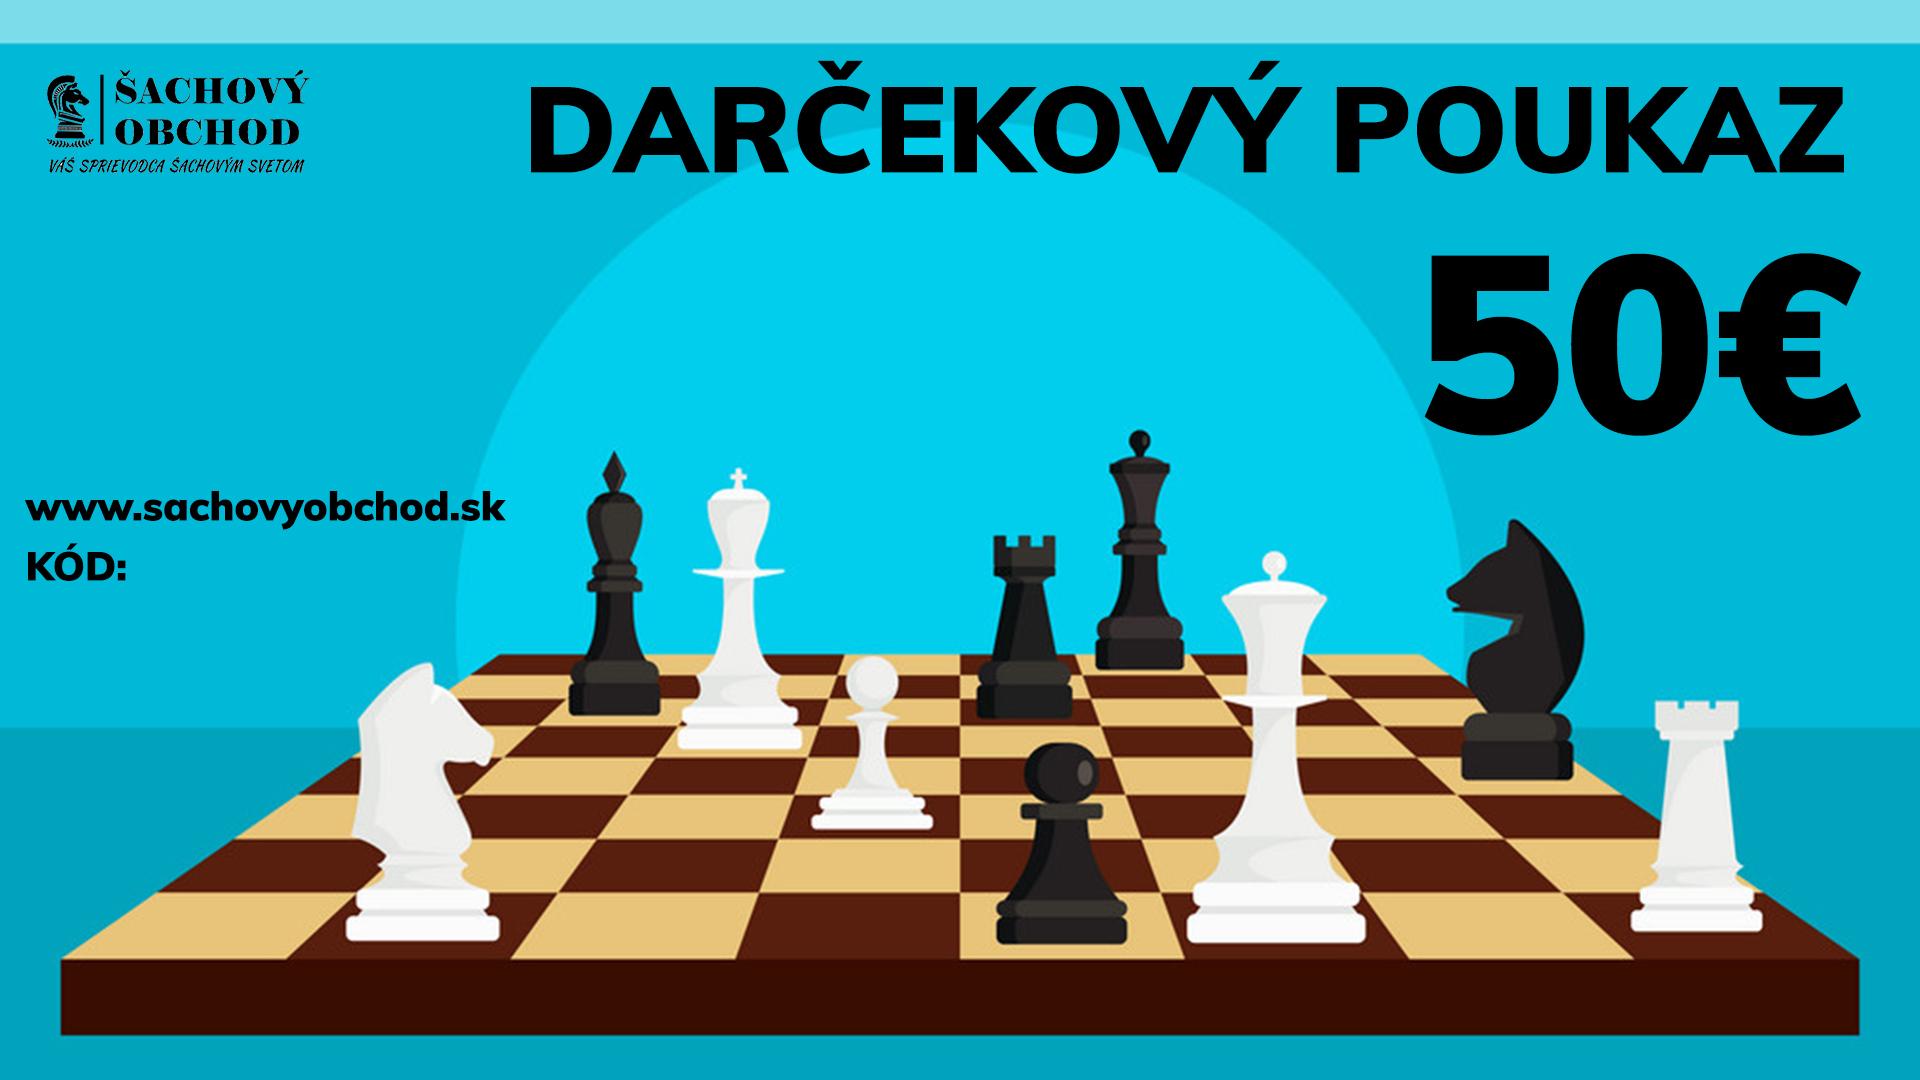 darcekovy_poukaz_50